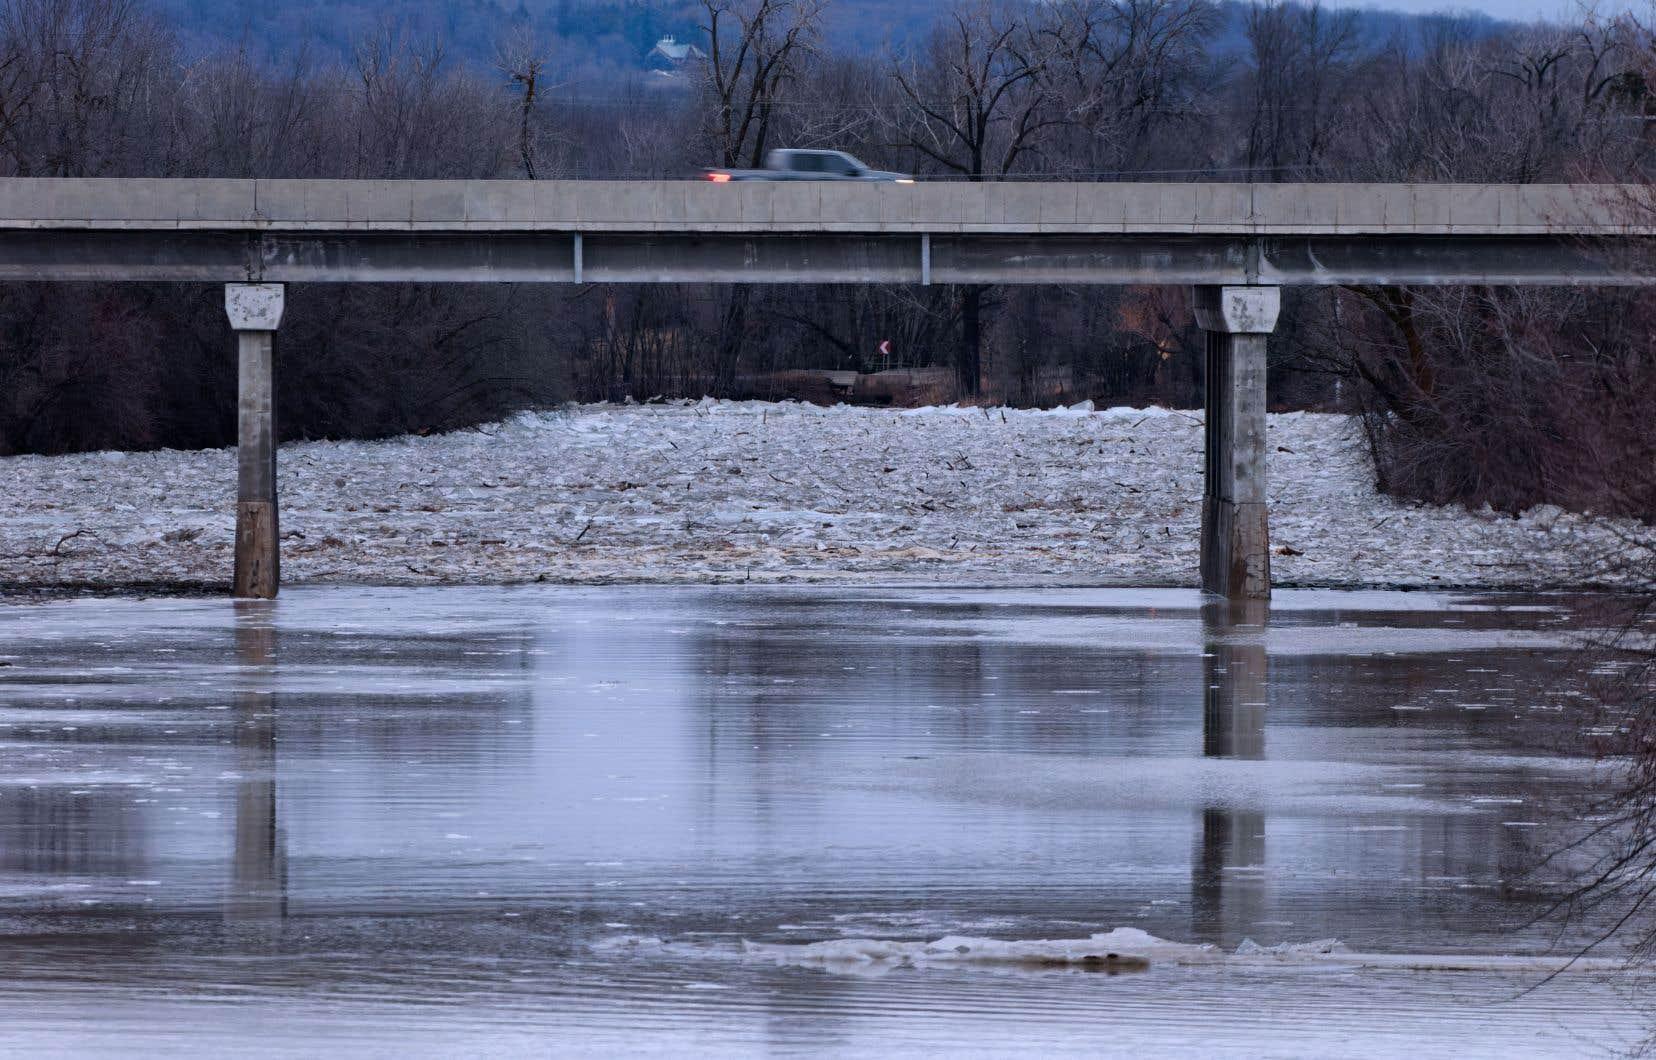 Plusieurs cours d'eau sont sous surveillance au Québec, comme ici à Rigaud où une embâcle de surface s'est formée vendredi, avant de se résorber graduellement.